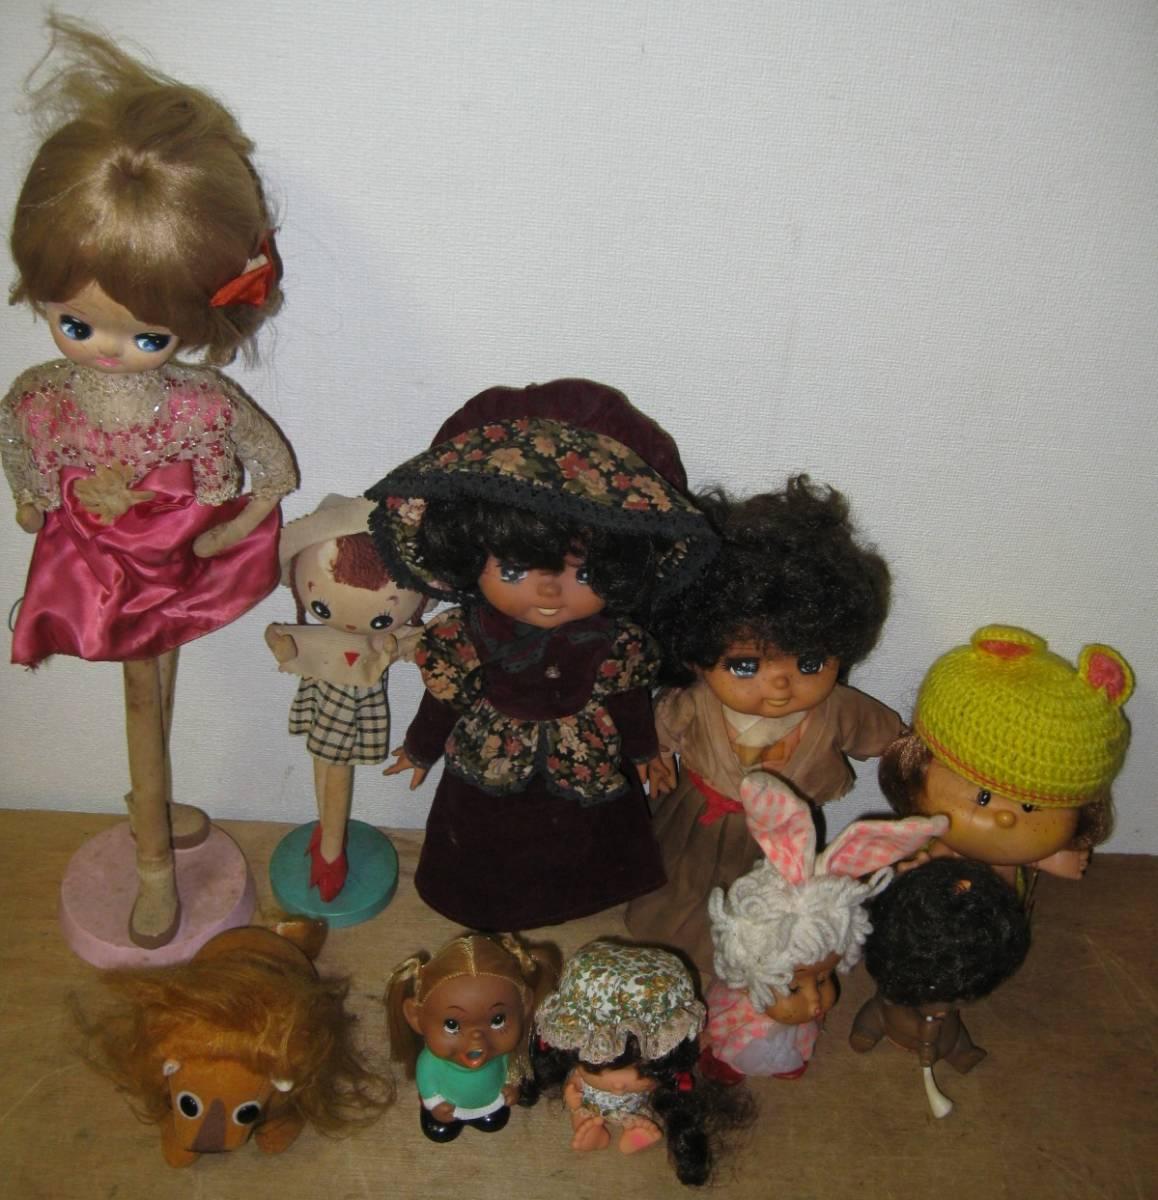 昭和レトロ ソフビ人形・針金人形・ポーズ人形・ぬいぐるみ 10体まとめて